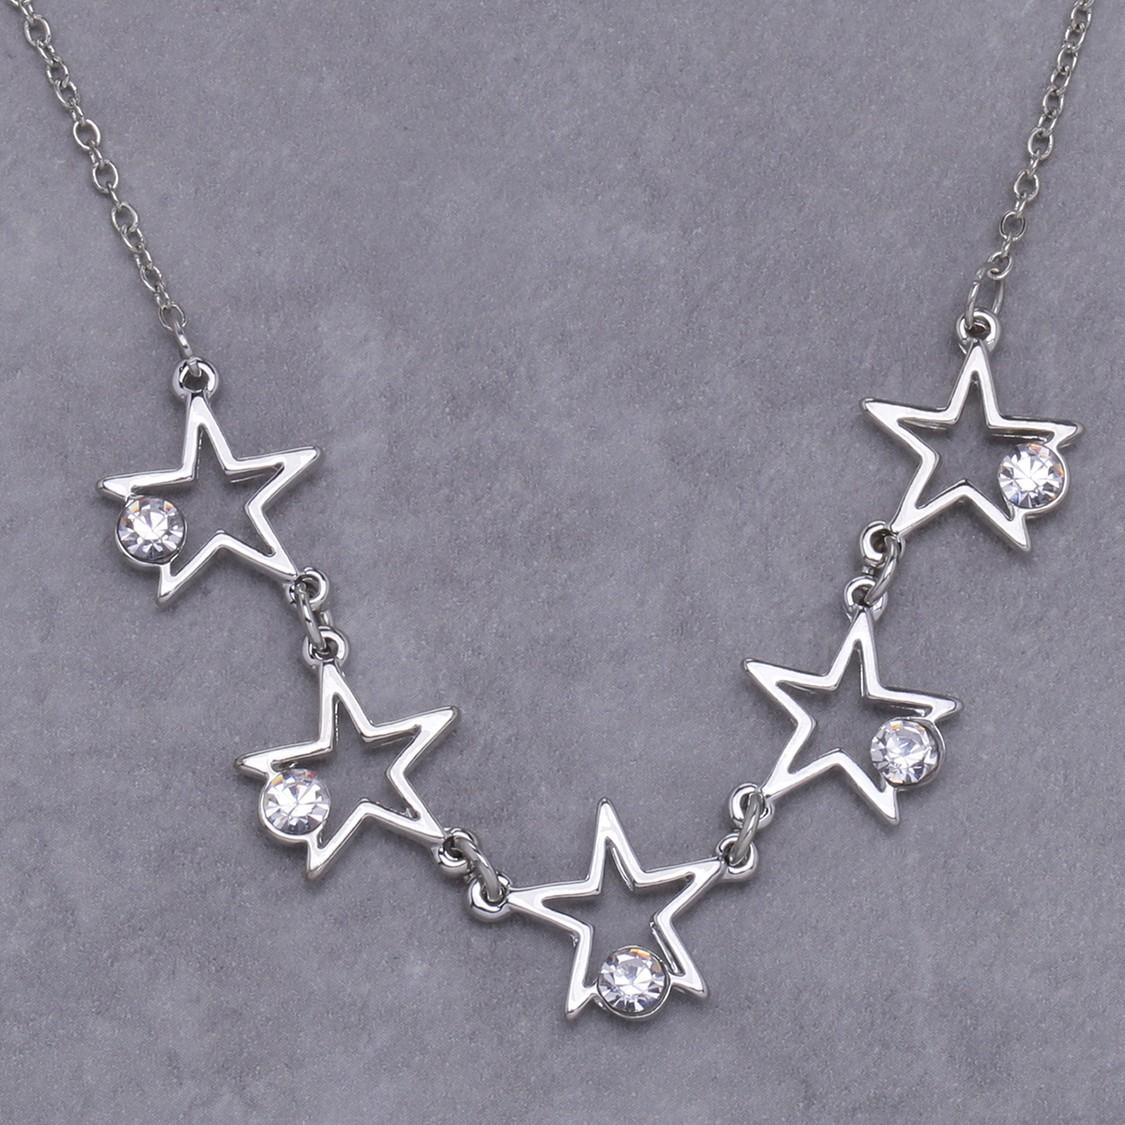 Embellished Star Necklace